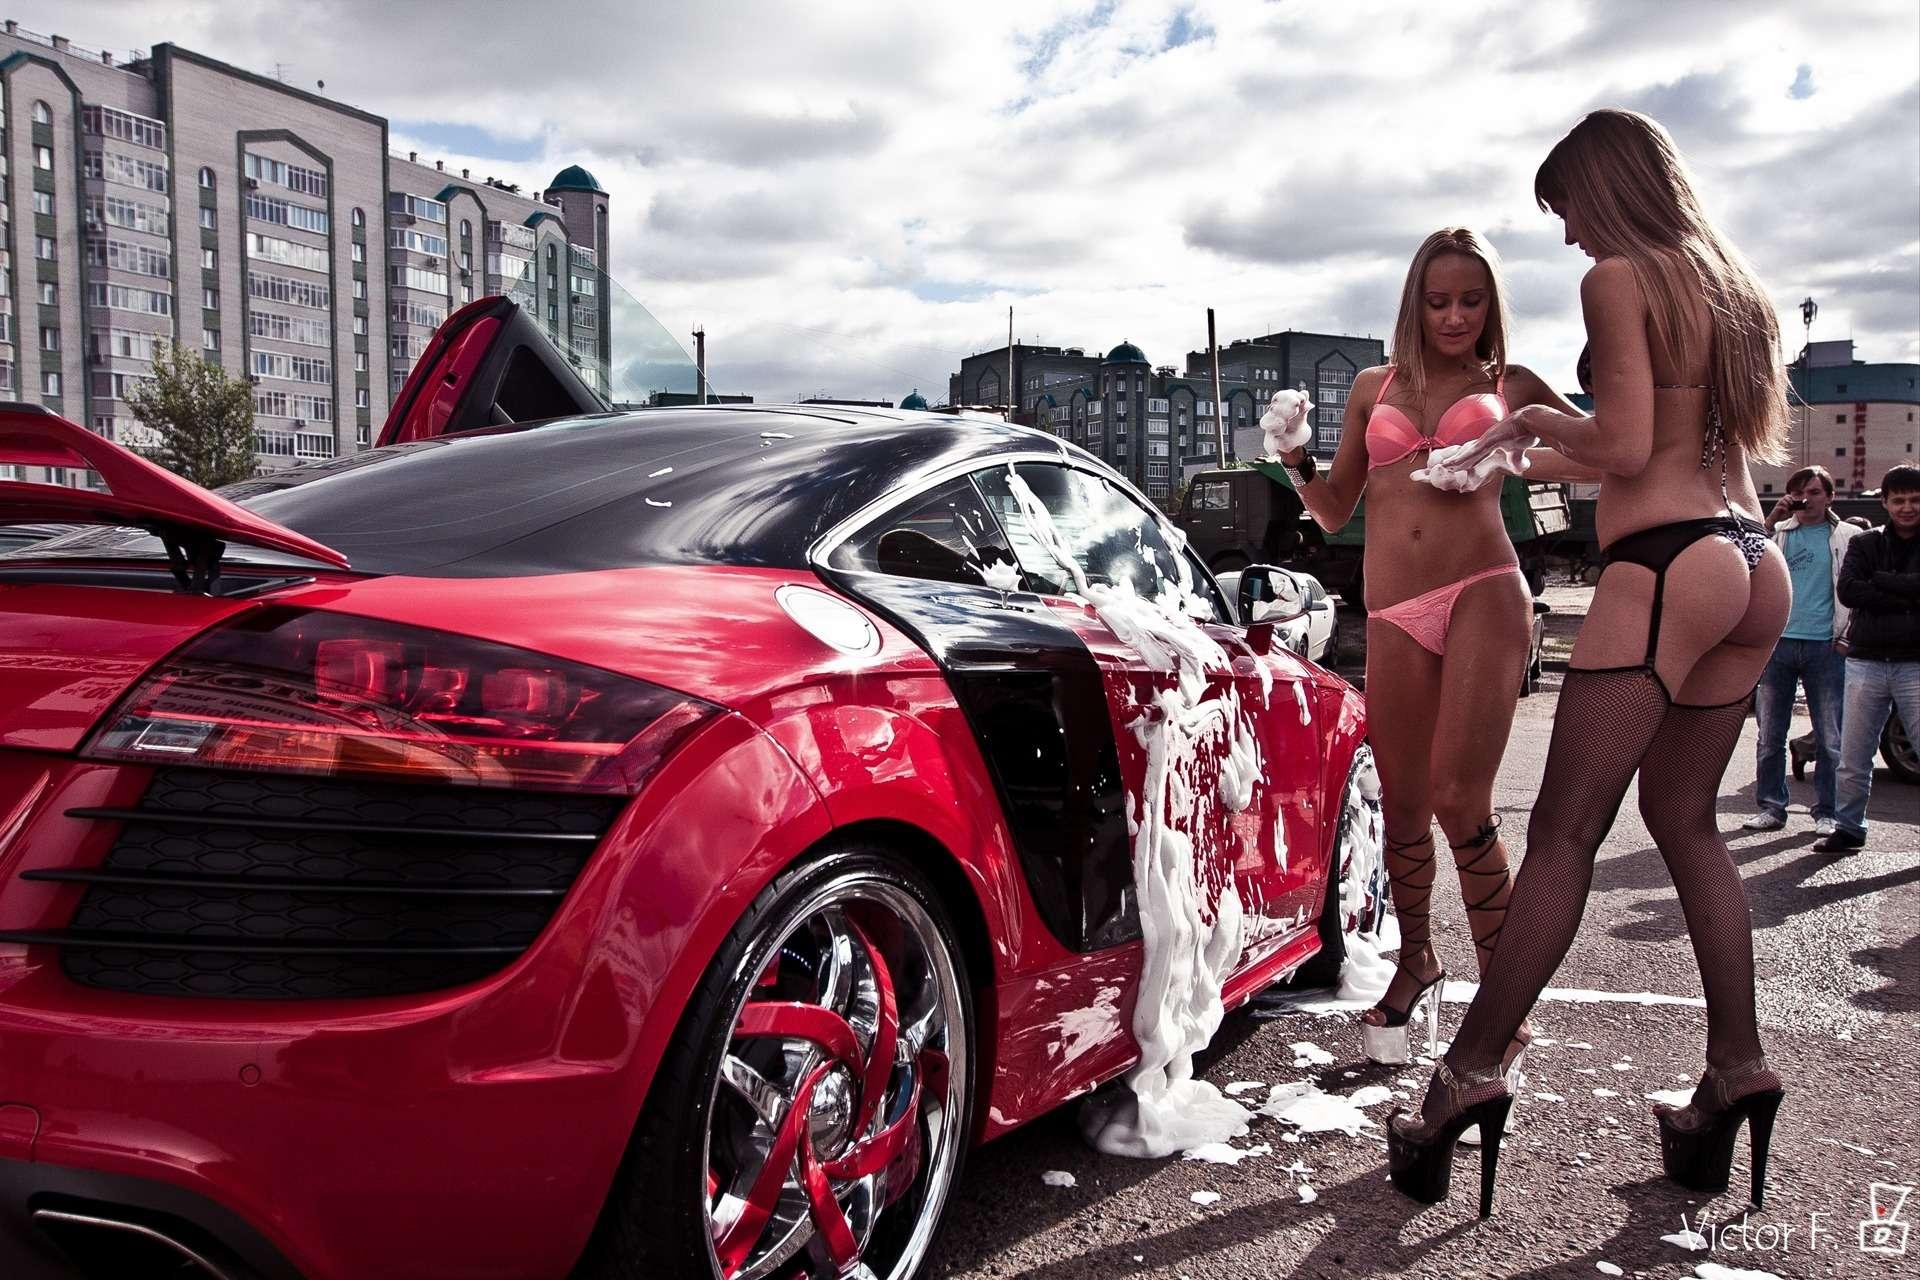 2690848s 960 - Сексуальные девушки и автомобили (часть 26)